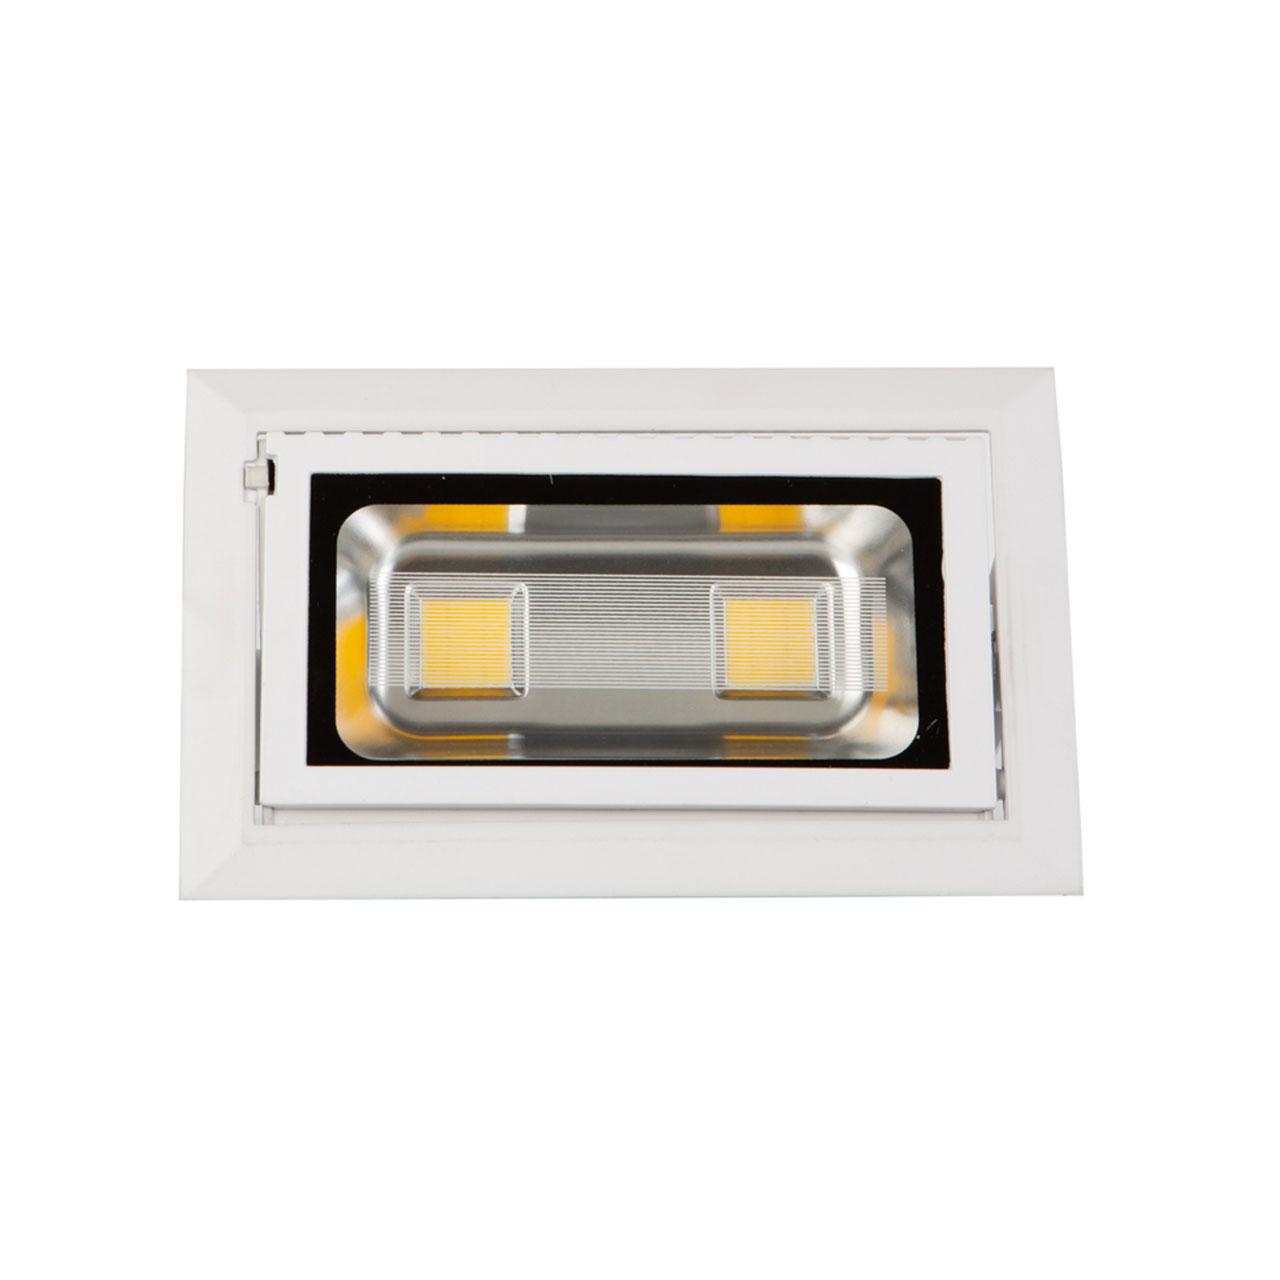 LED Ceiling Light MuvaLED 40 Watt